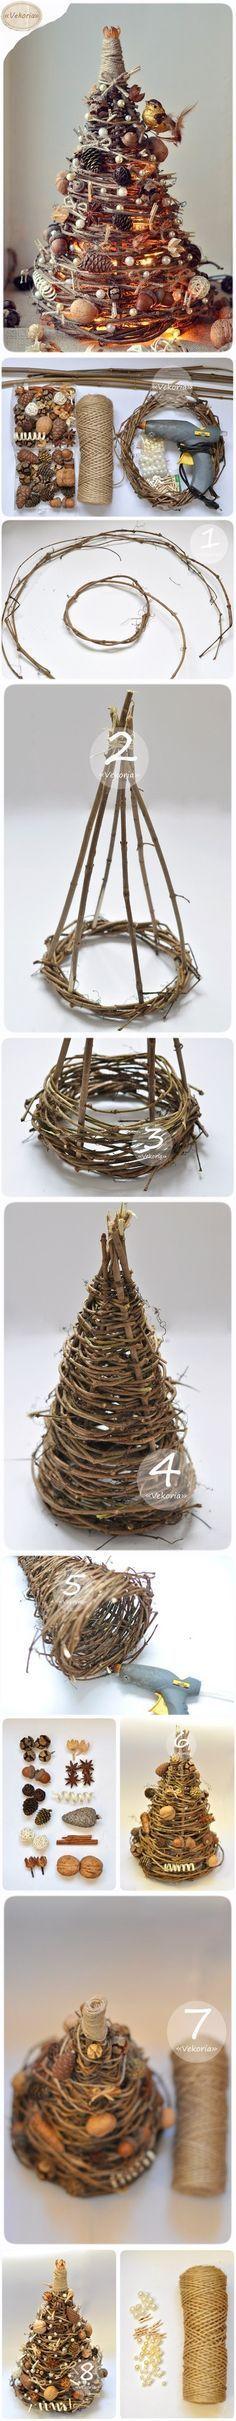 Tutorial come creare un albero di Natale con rametti, spago, ghiande e perline.